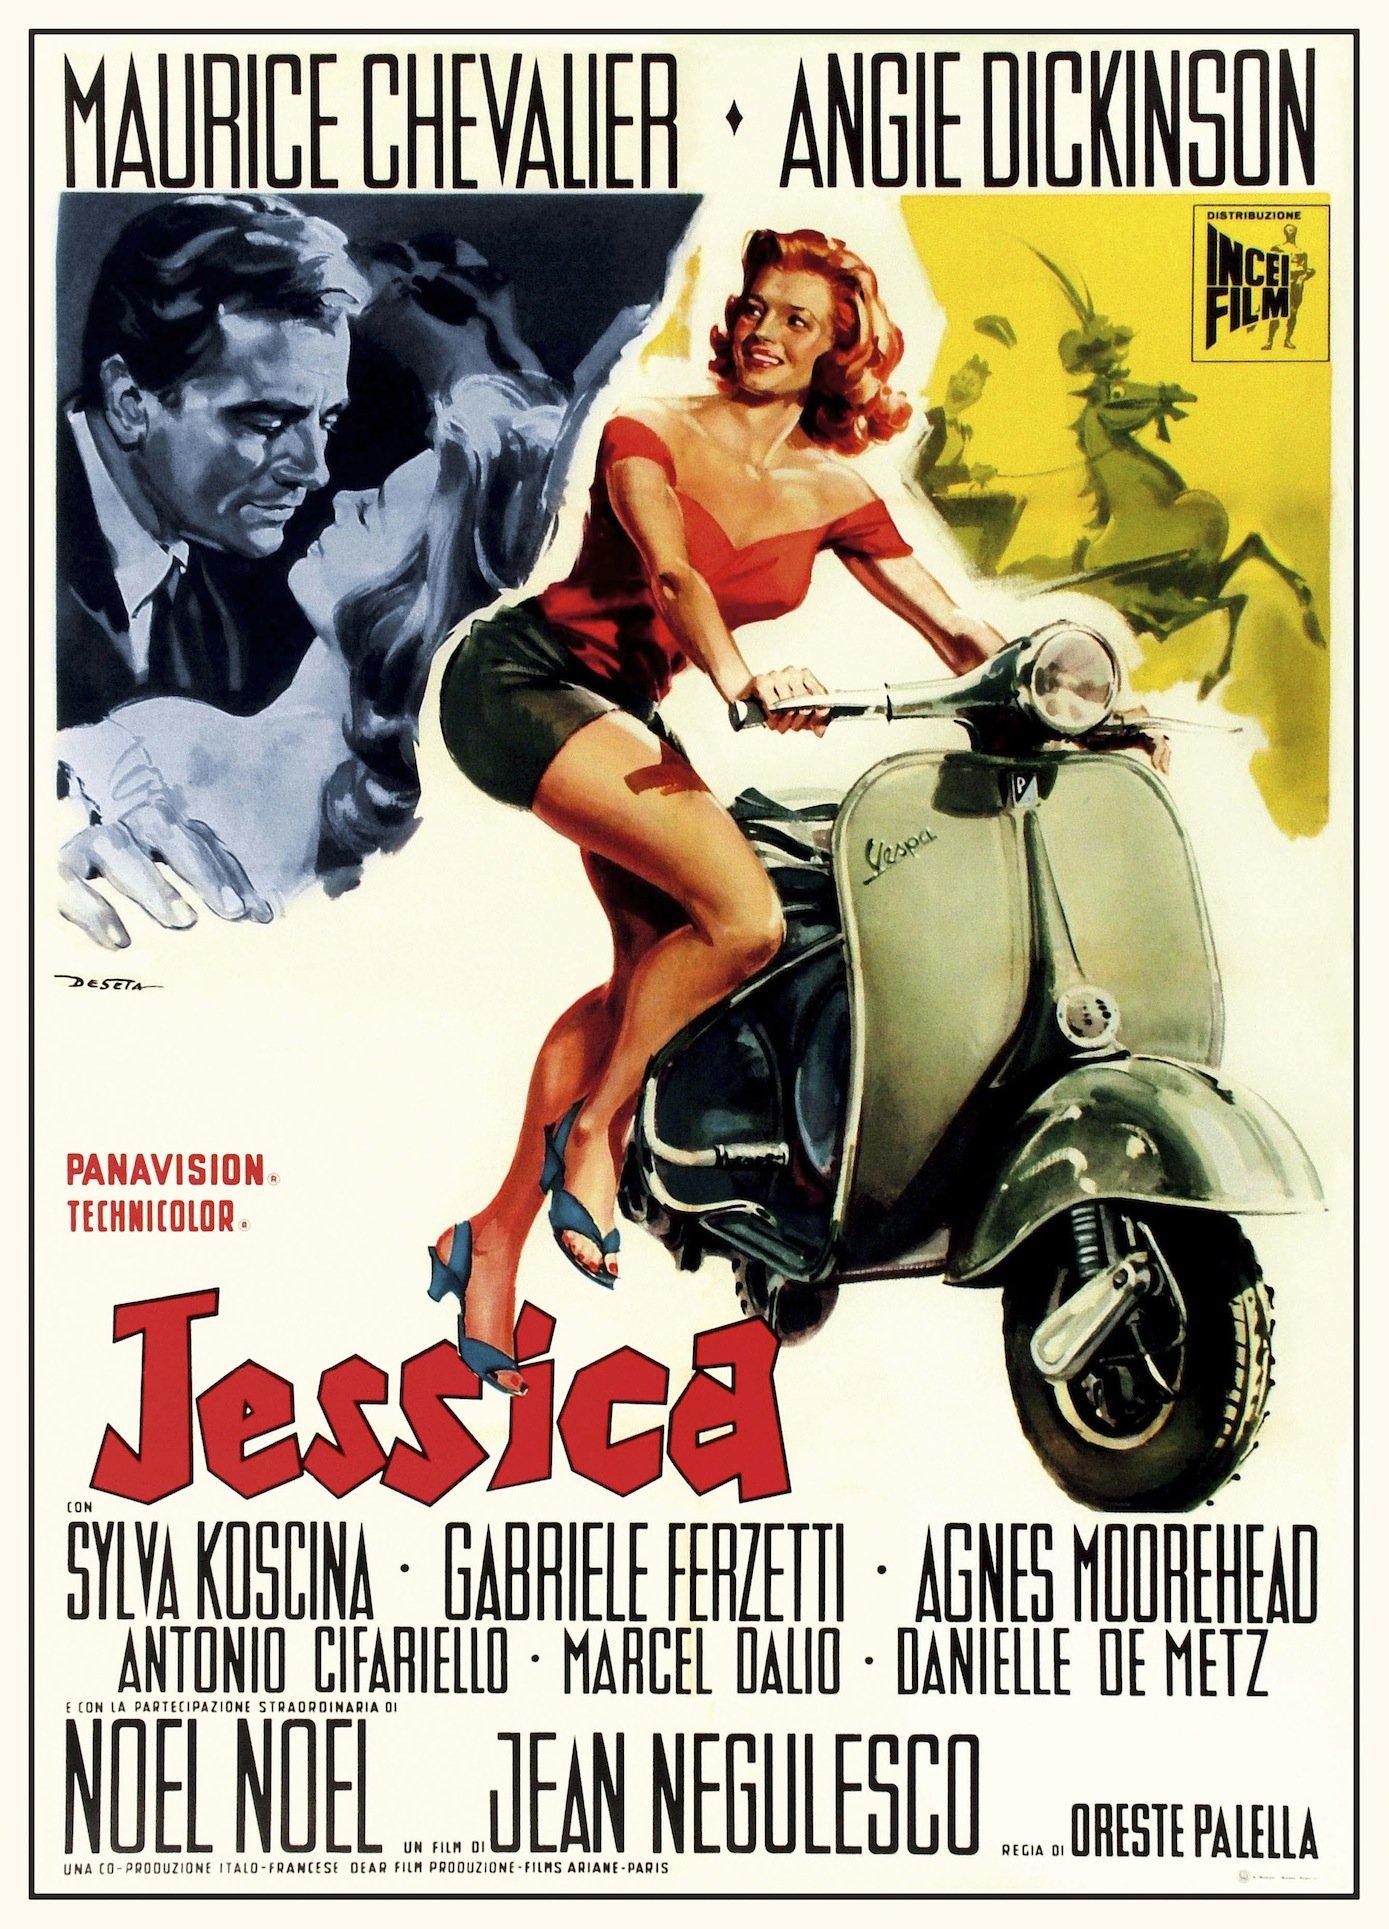 Plakat für den Film Jessica mit Maurice Chevalier und Angie Dickinson im Jahr 1961.